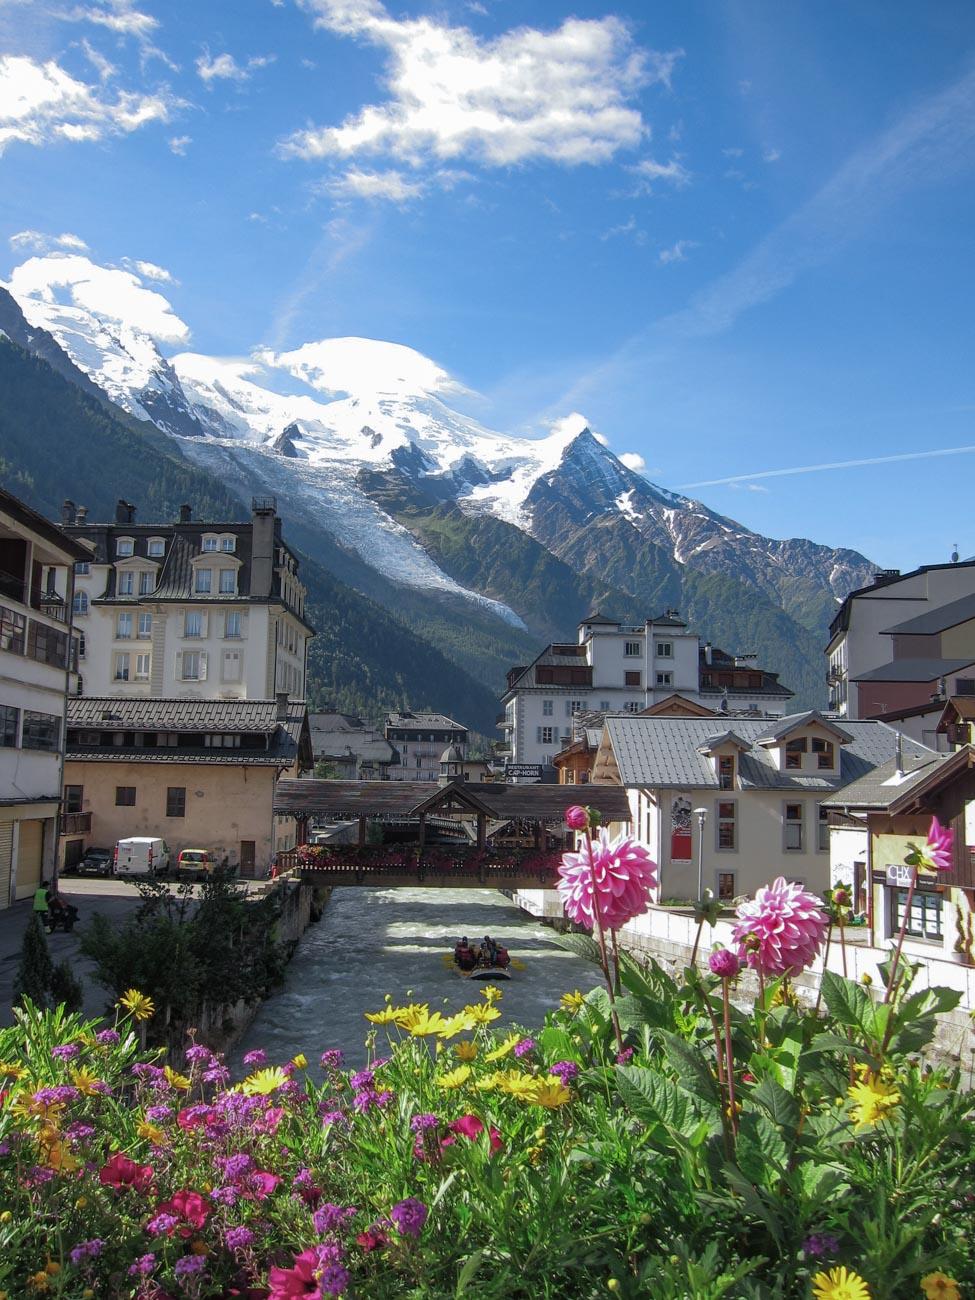 Beautiful Chamonix - France